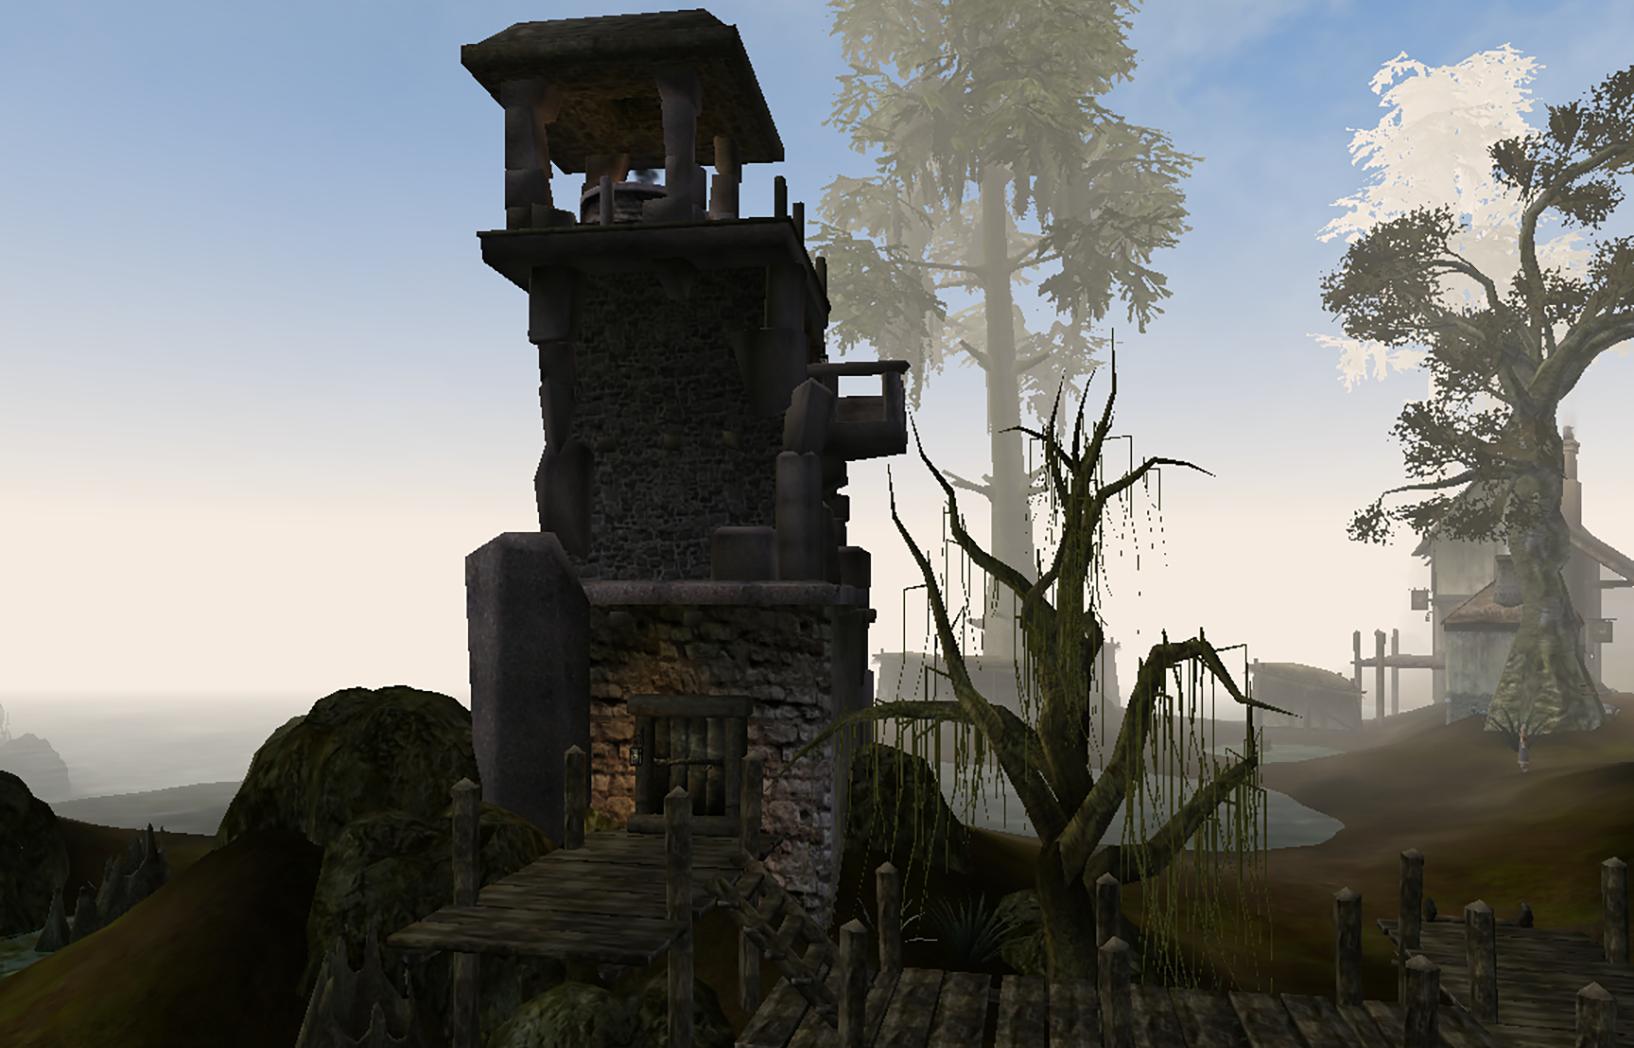 Seyda Neen Lighthouse (Morrowind)   Elder Scrolls   FANDOM